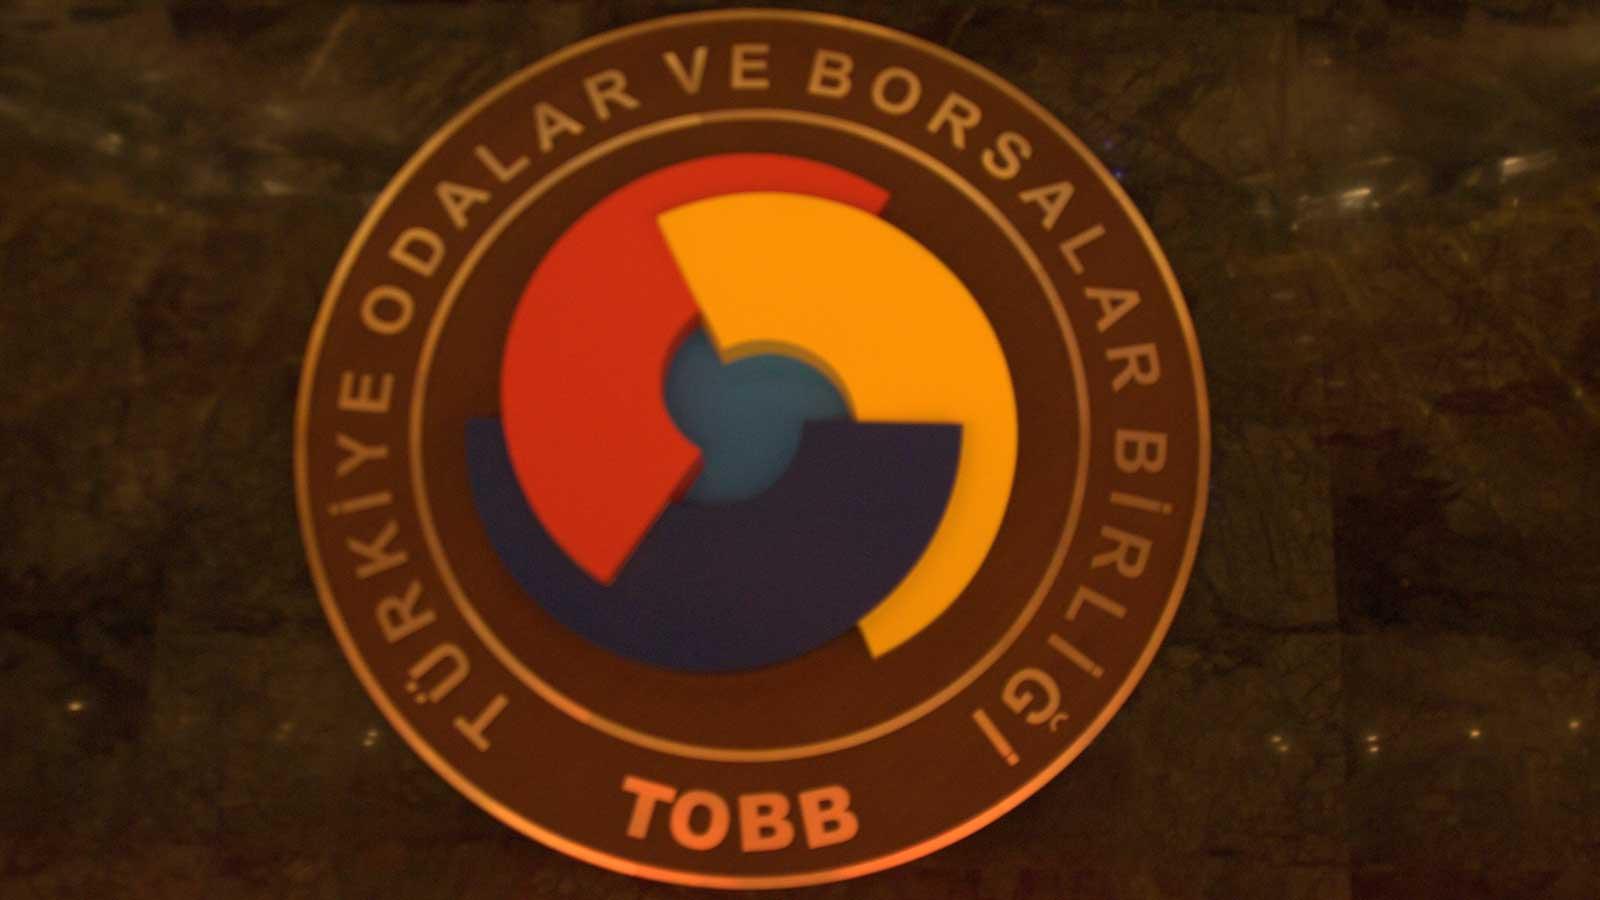 TOBB Sağlık Sektörü Raporu Yayınlandı